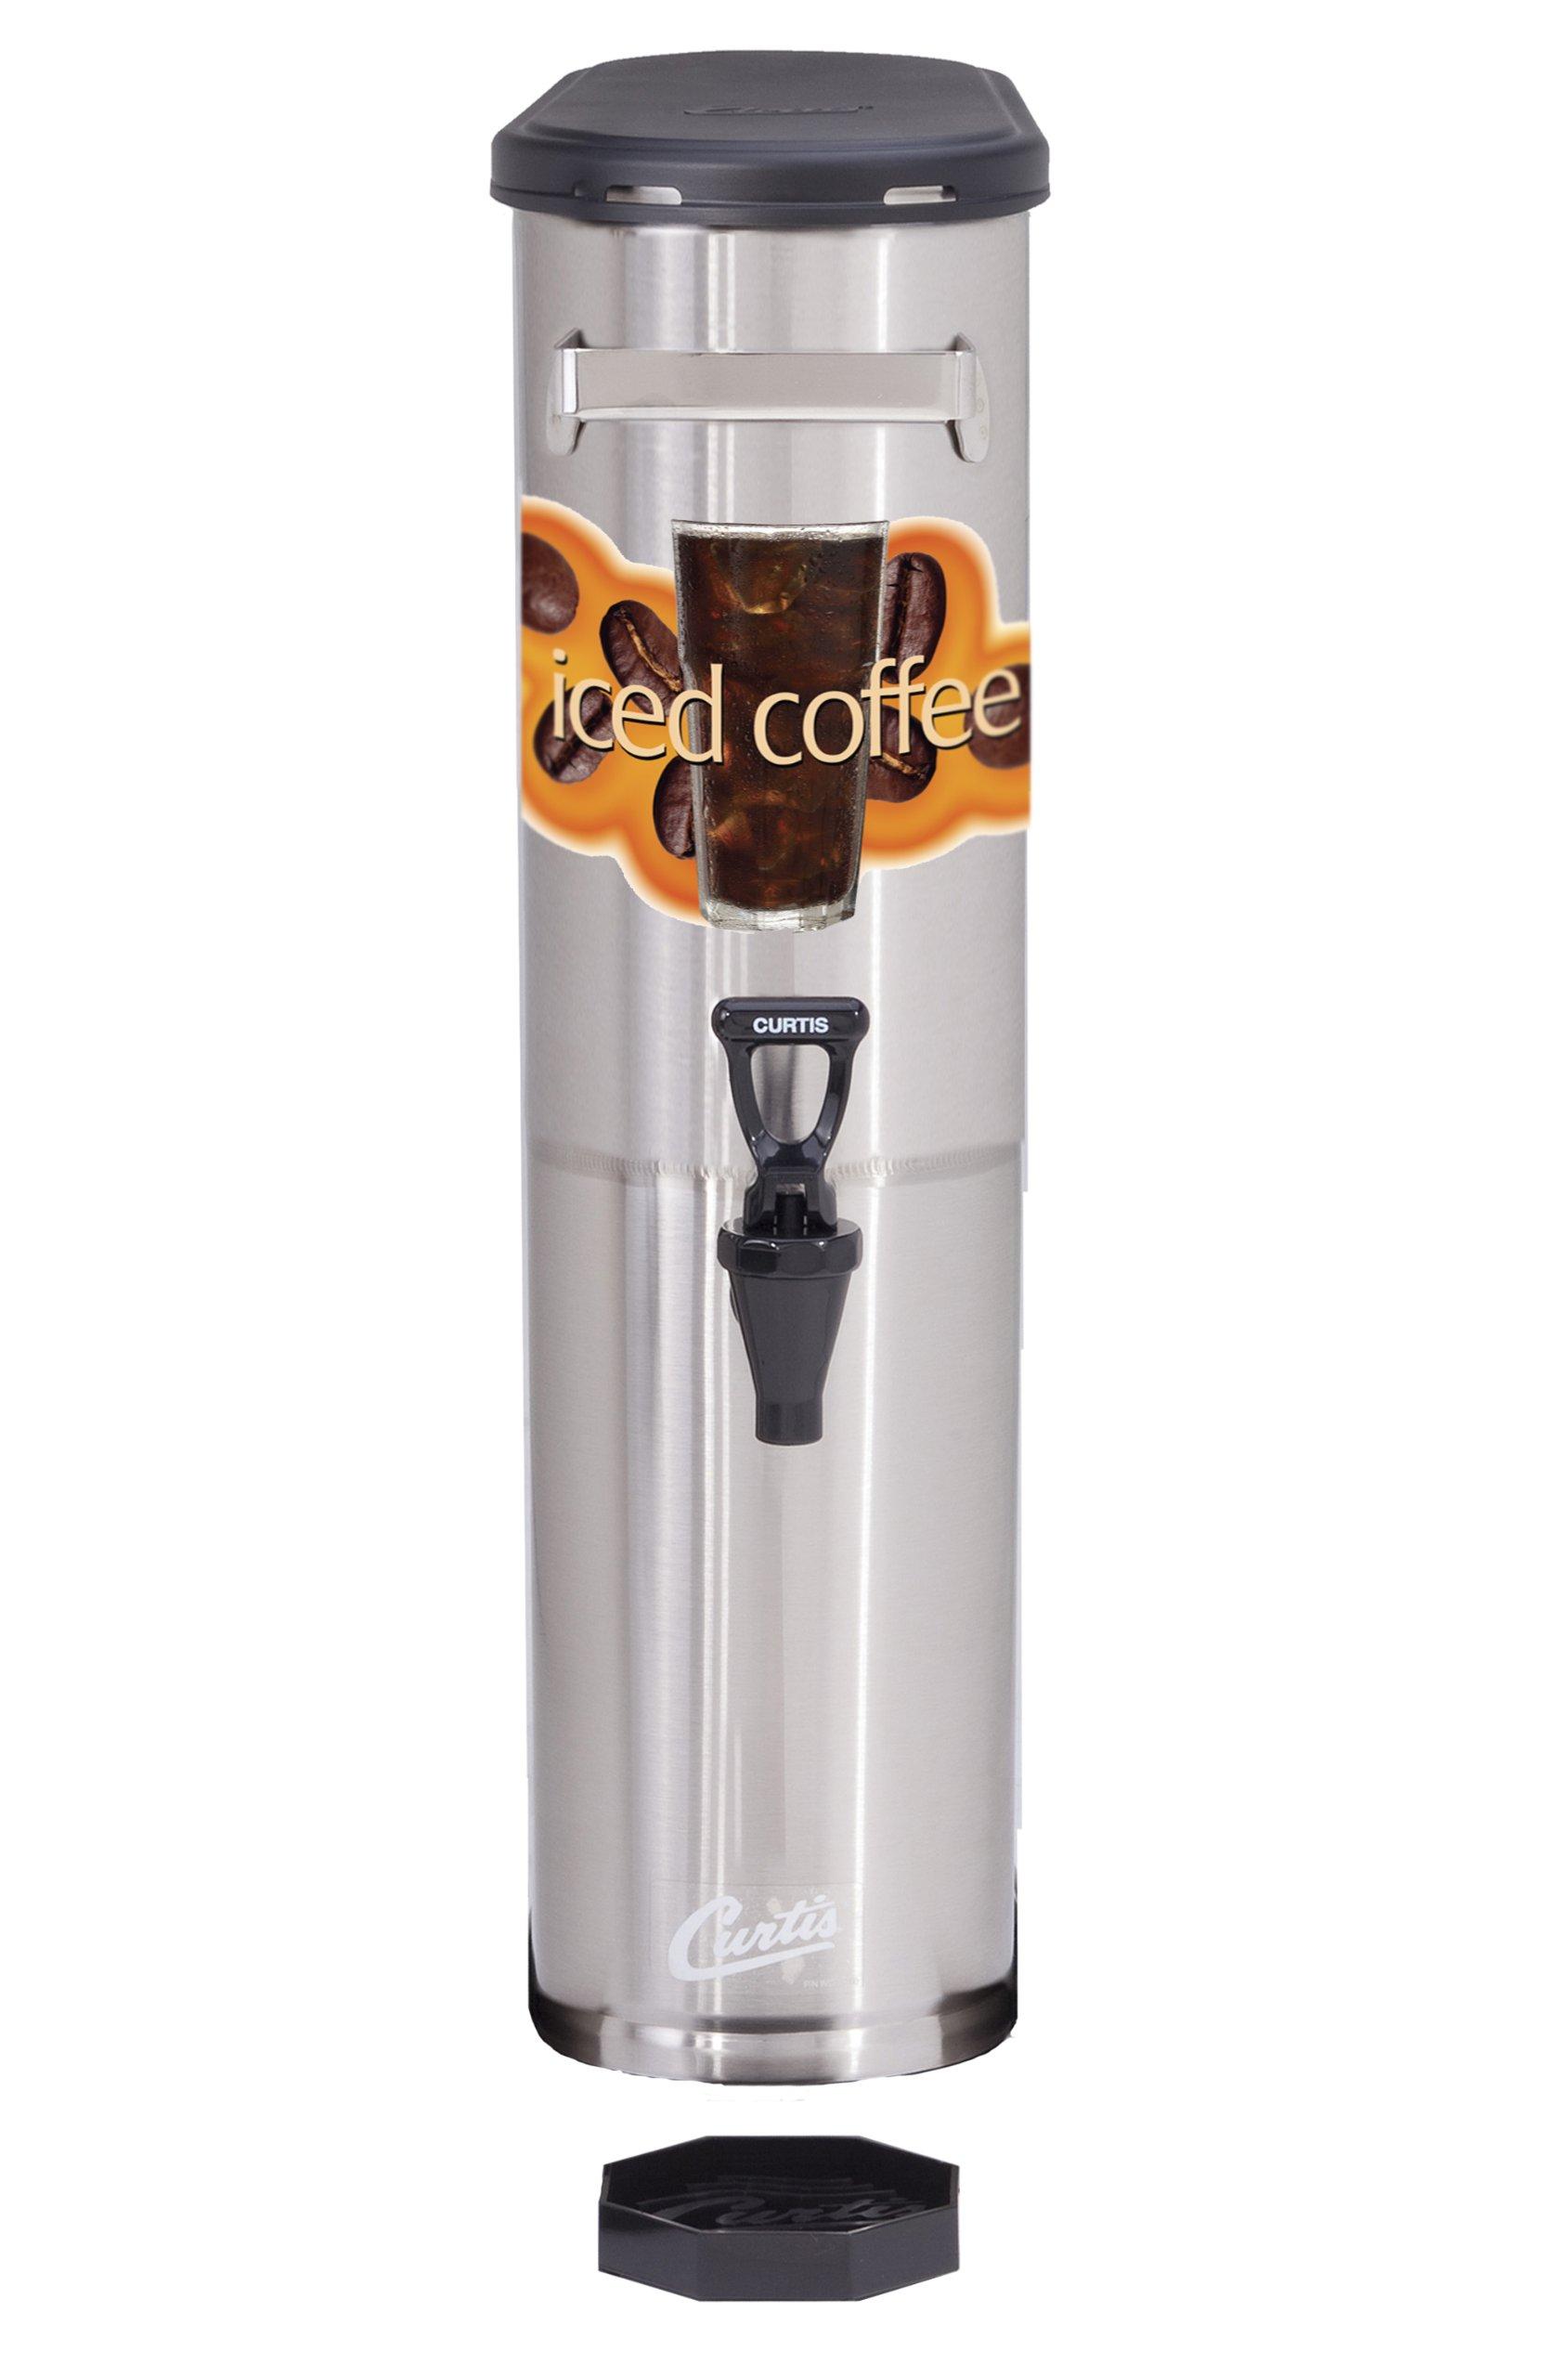 Wilbur Curtis Iced Coffee Dispenser 3.5 Gallon Narrow Iced Coffee Dispenser - Designed to Preserve Flavor - TCNC (Each)